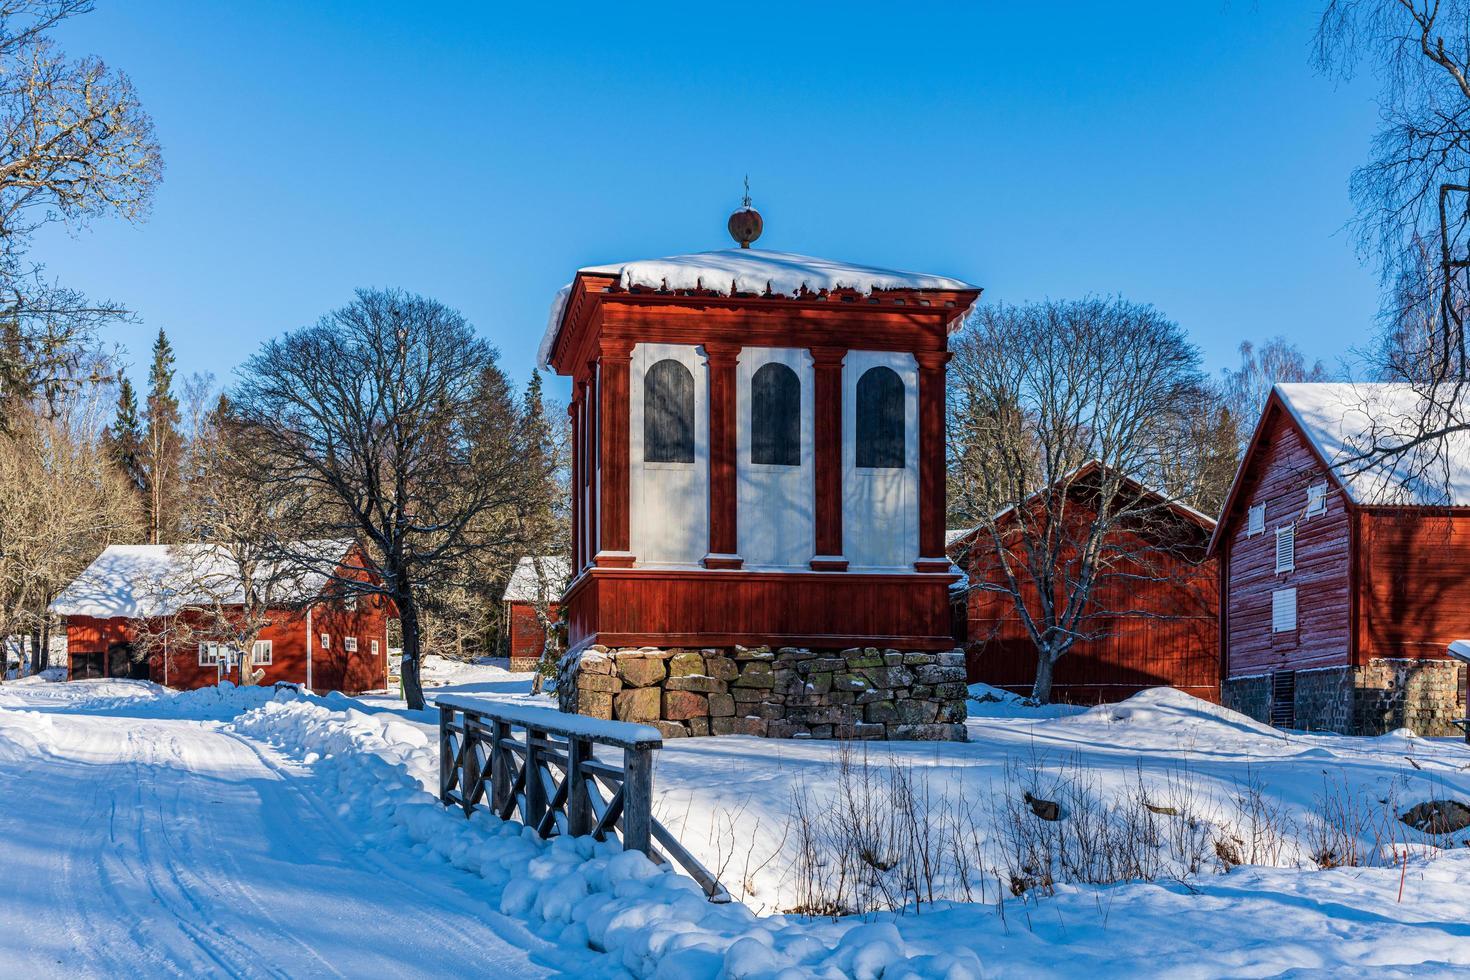 norn, svezia, 07/02/2021. tipico borgo antico della campagna svedese, costruito intorno ad una vecchia ferriera foto